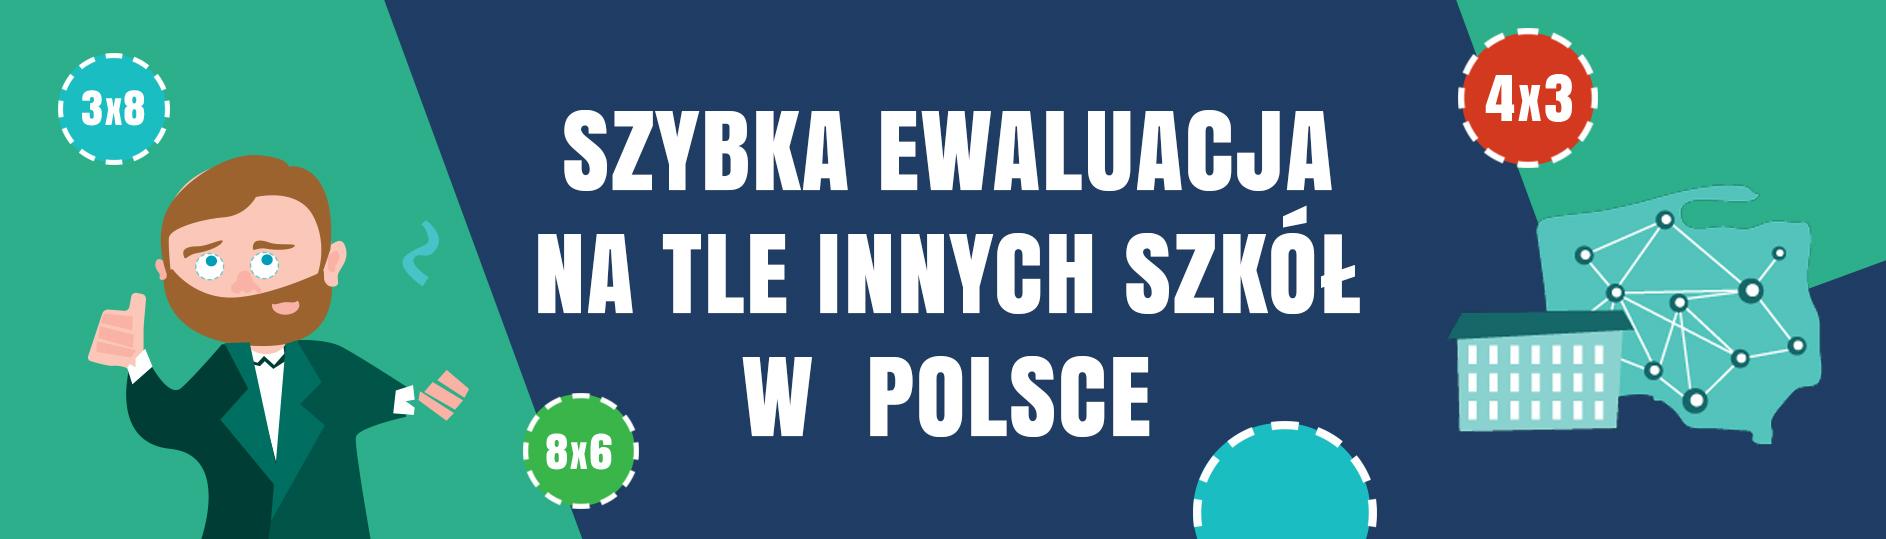 baner_MistrzMnozenia_2020-szybka-ewaluacja